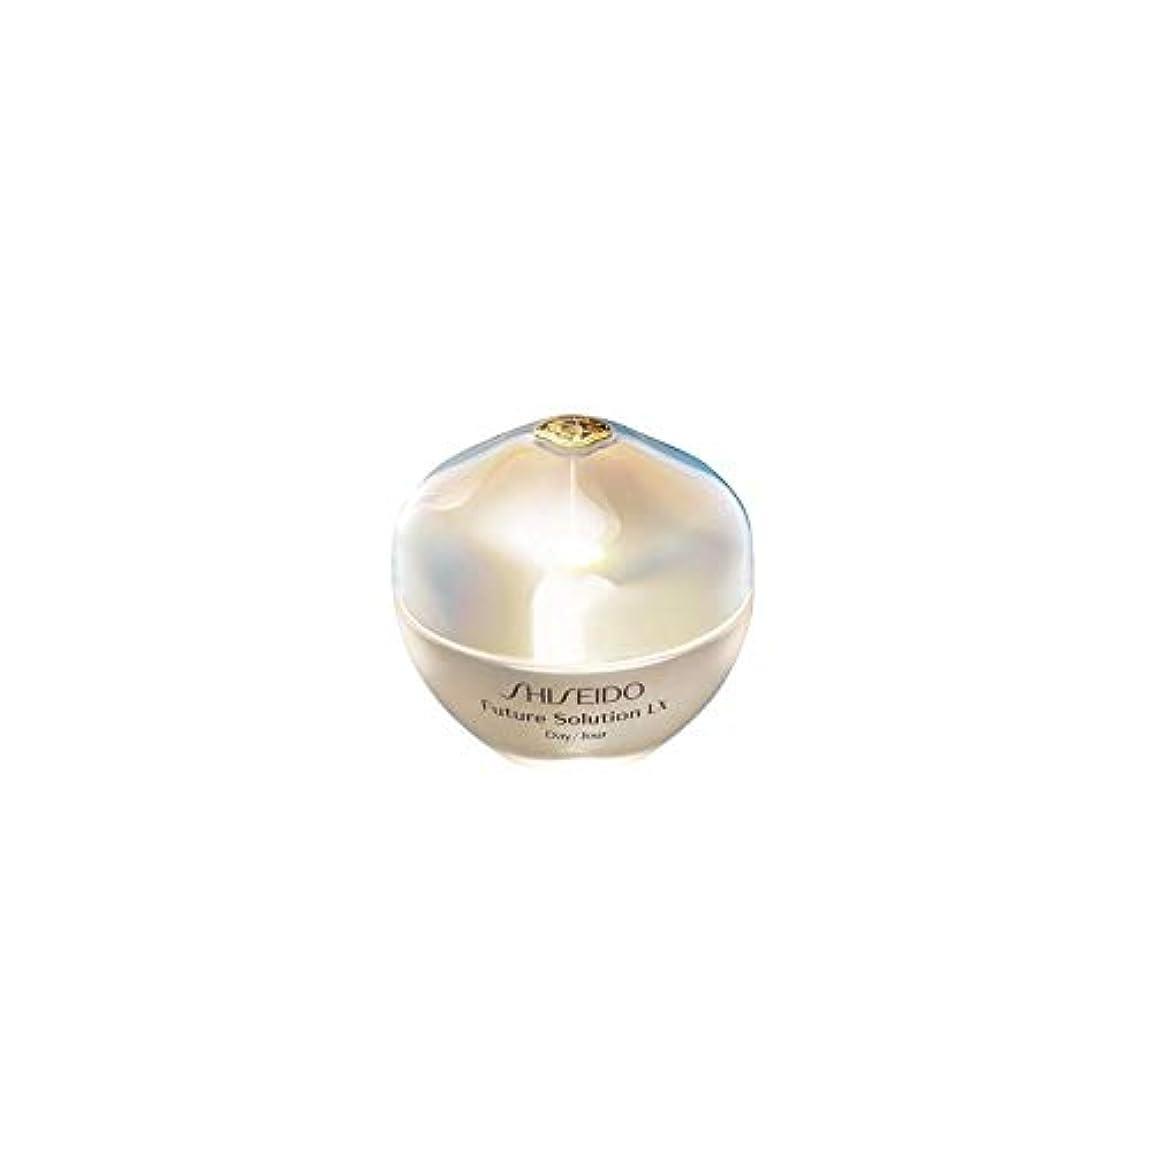 箱劇作家系譜[Shiseido] 資生堂Sfs Lx合計保護クリーム(50Ml)中 - Shiseido Sfs Lx Total Protective Cream (50ml) [並行輸入品]